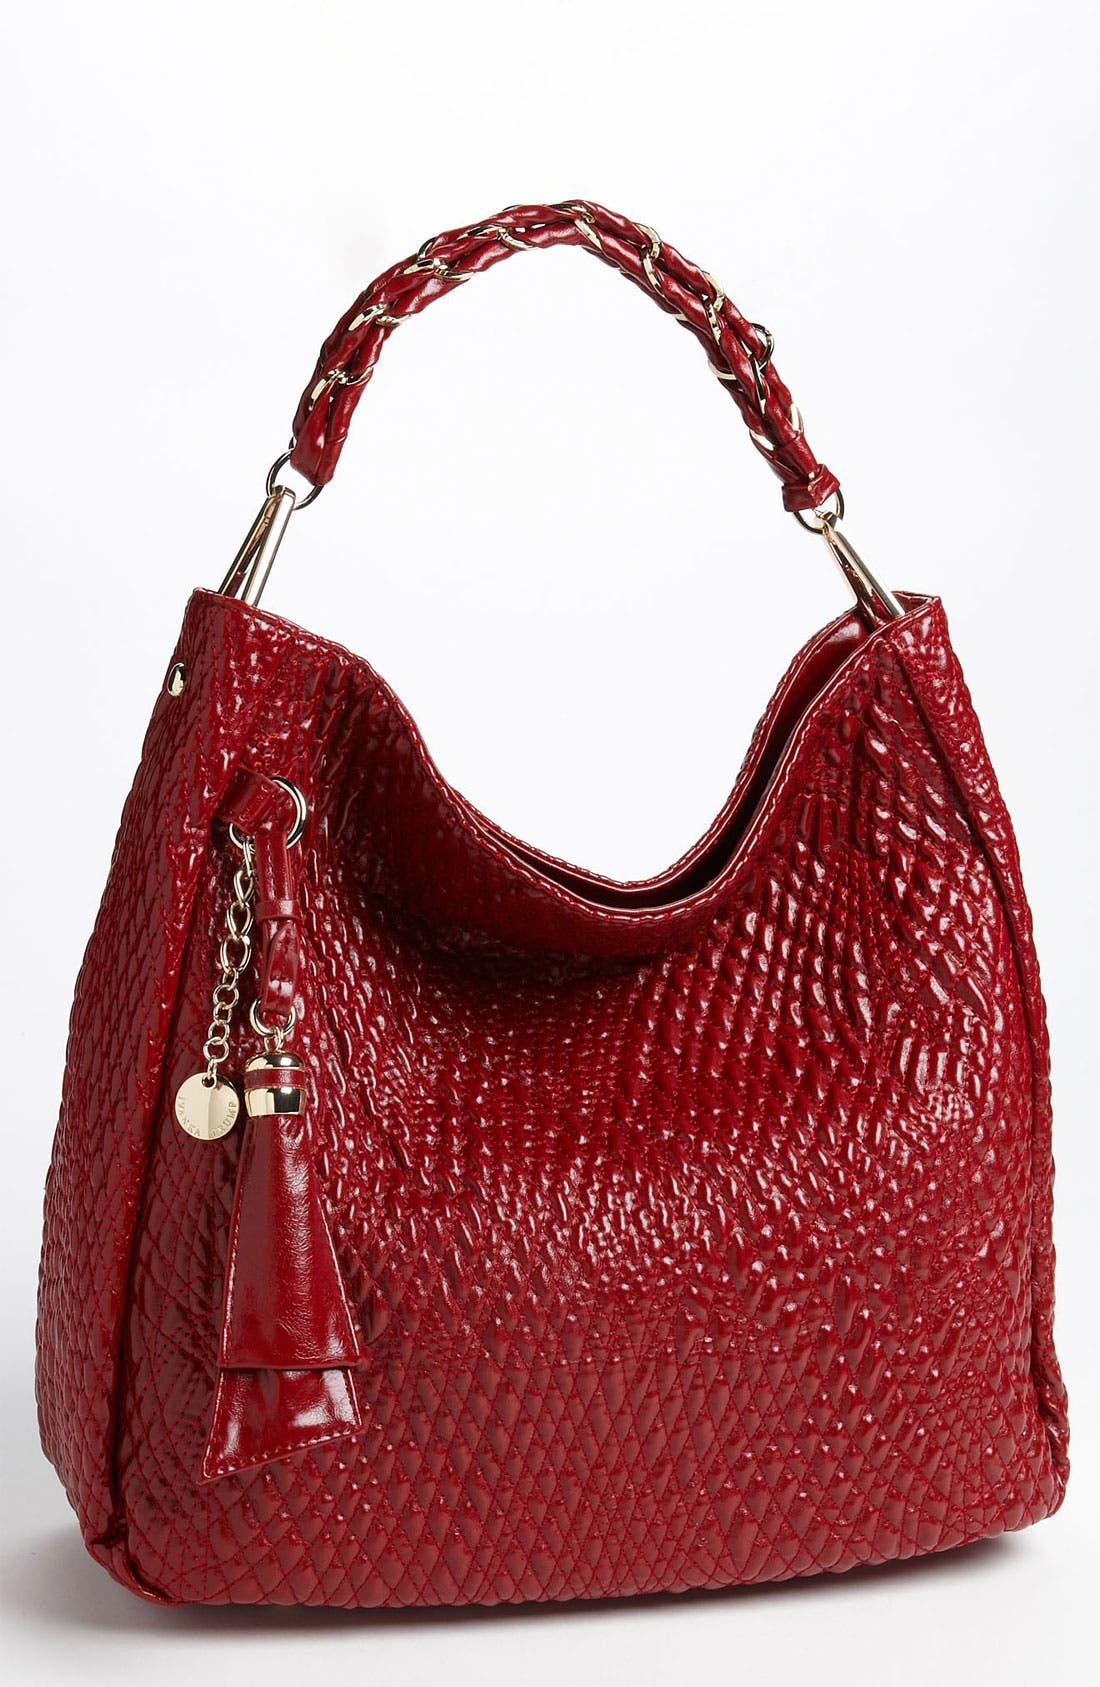 Alternate Image 1 Selected - Ivanka Trump 'Olivia' Handbag